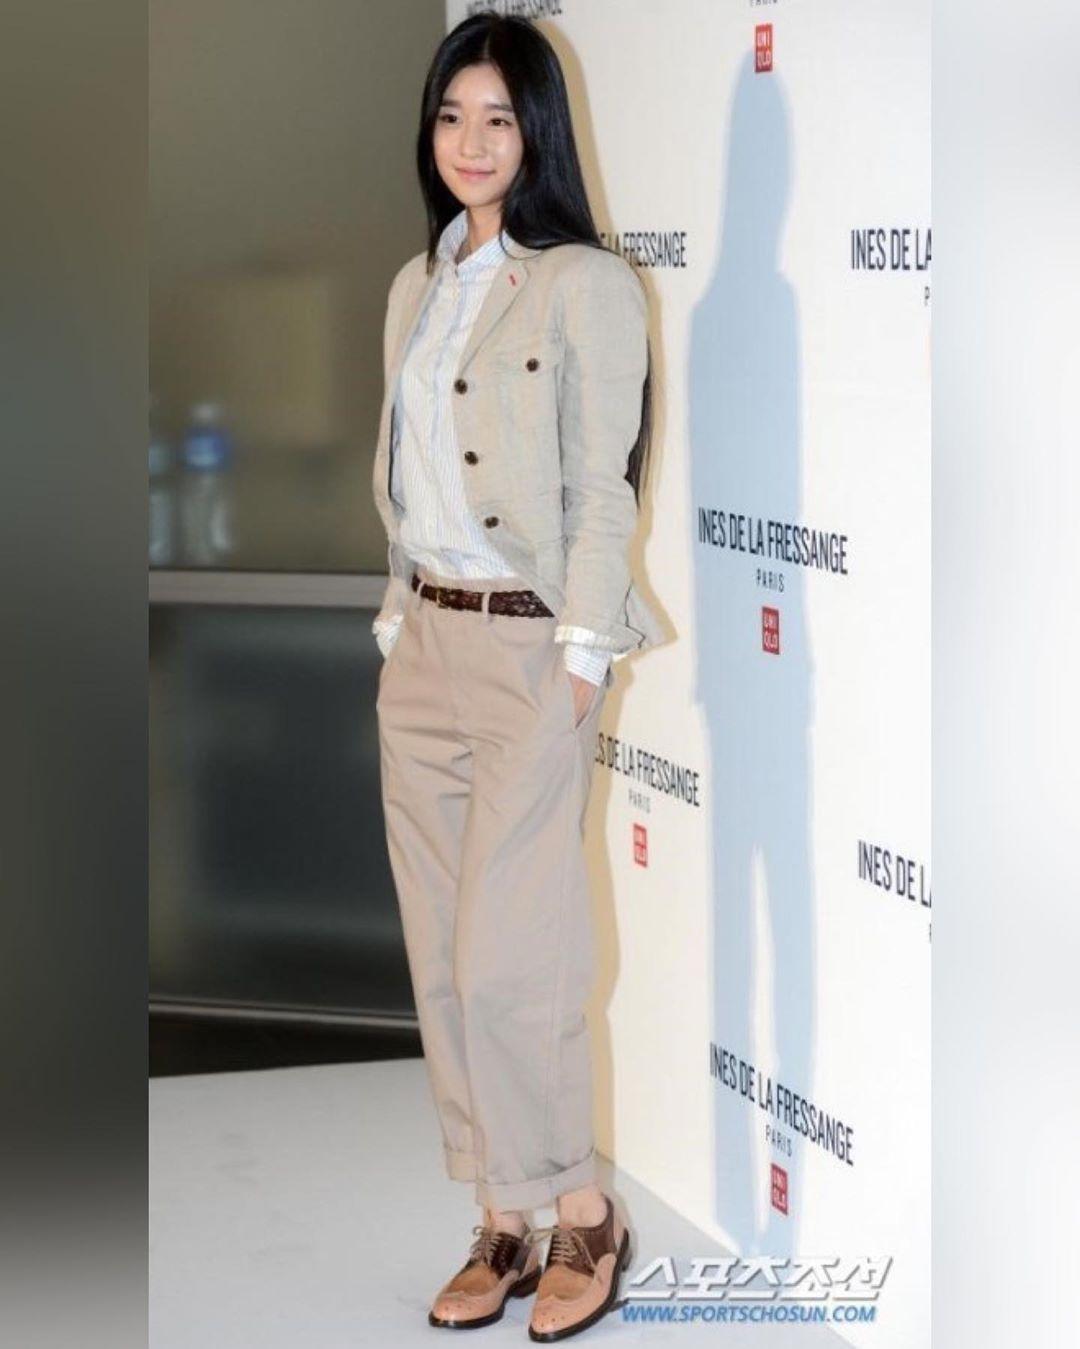 Chân dài nổi tiếng nhưng Seo Ye Ji cũng từng dìm dáng thảm hại vì chọn nhầm bộ suit khiến chân ngắn một mẩu - Ảnh 3.